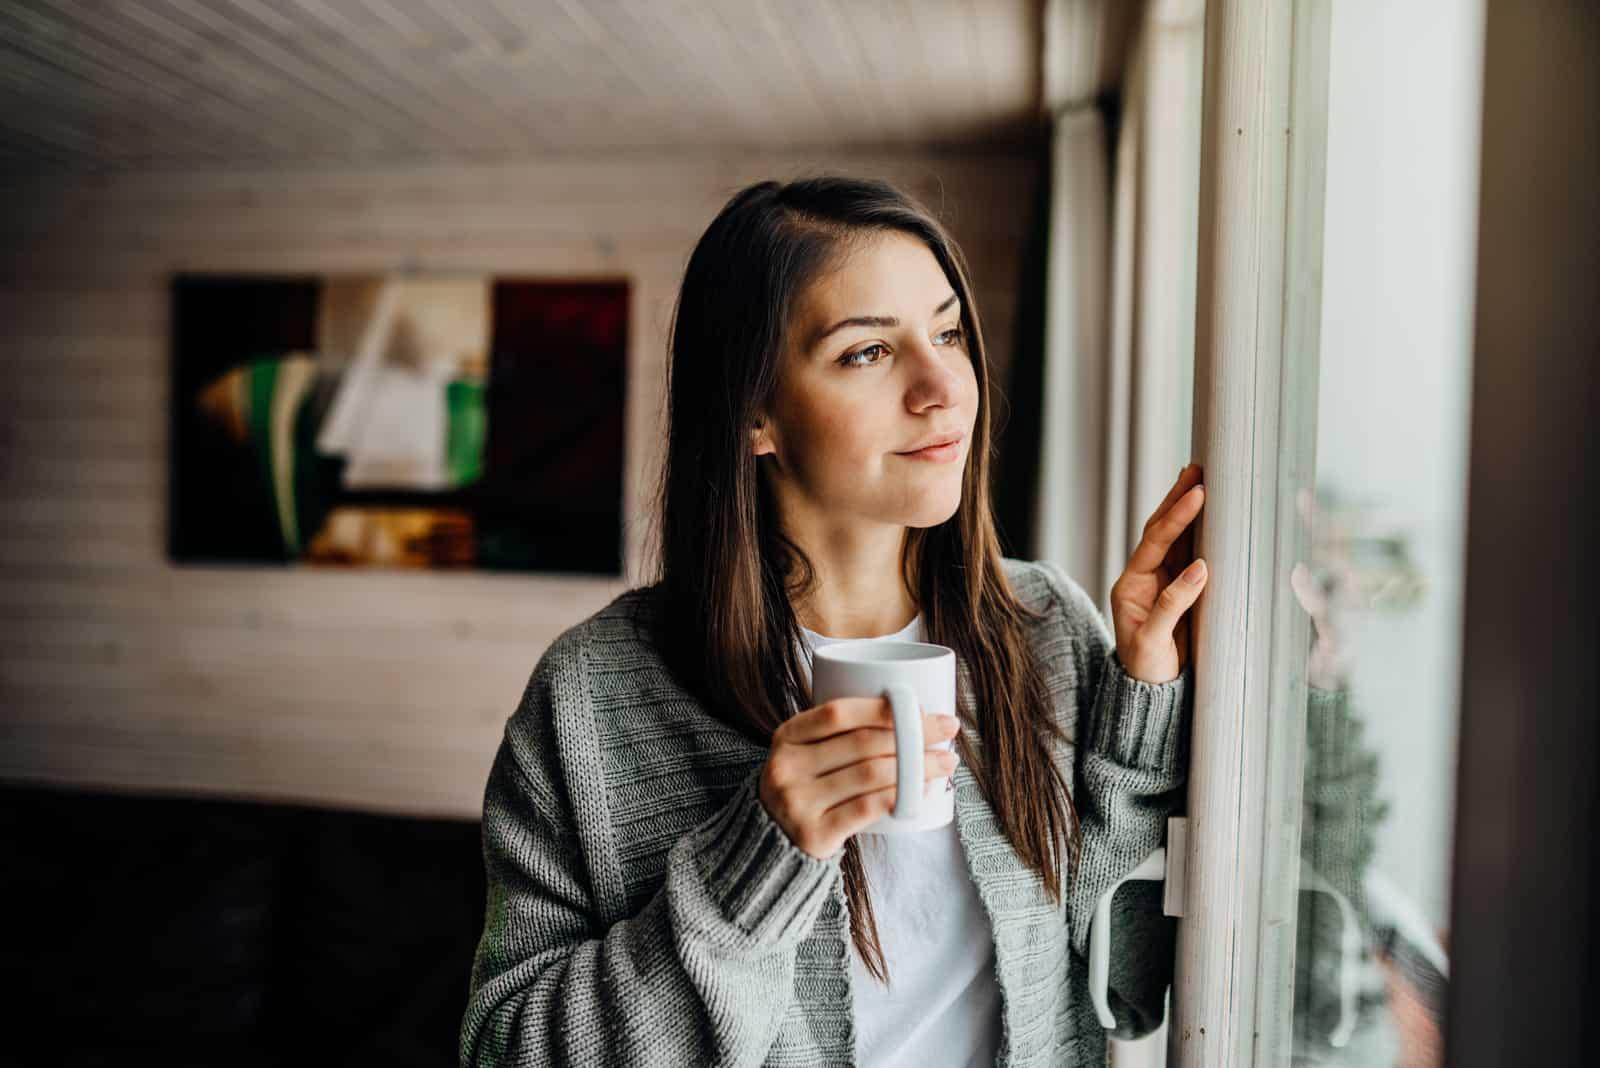 Die schöne Blondine trinkt Kaffee und schaut aus dem Fenster